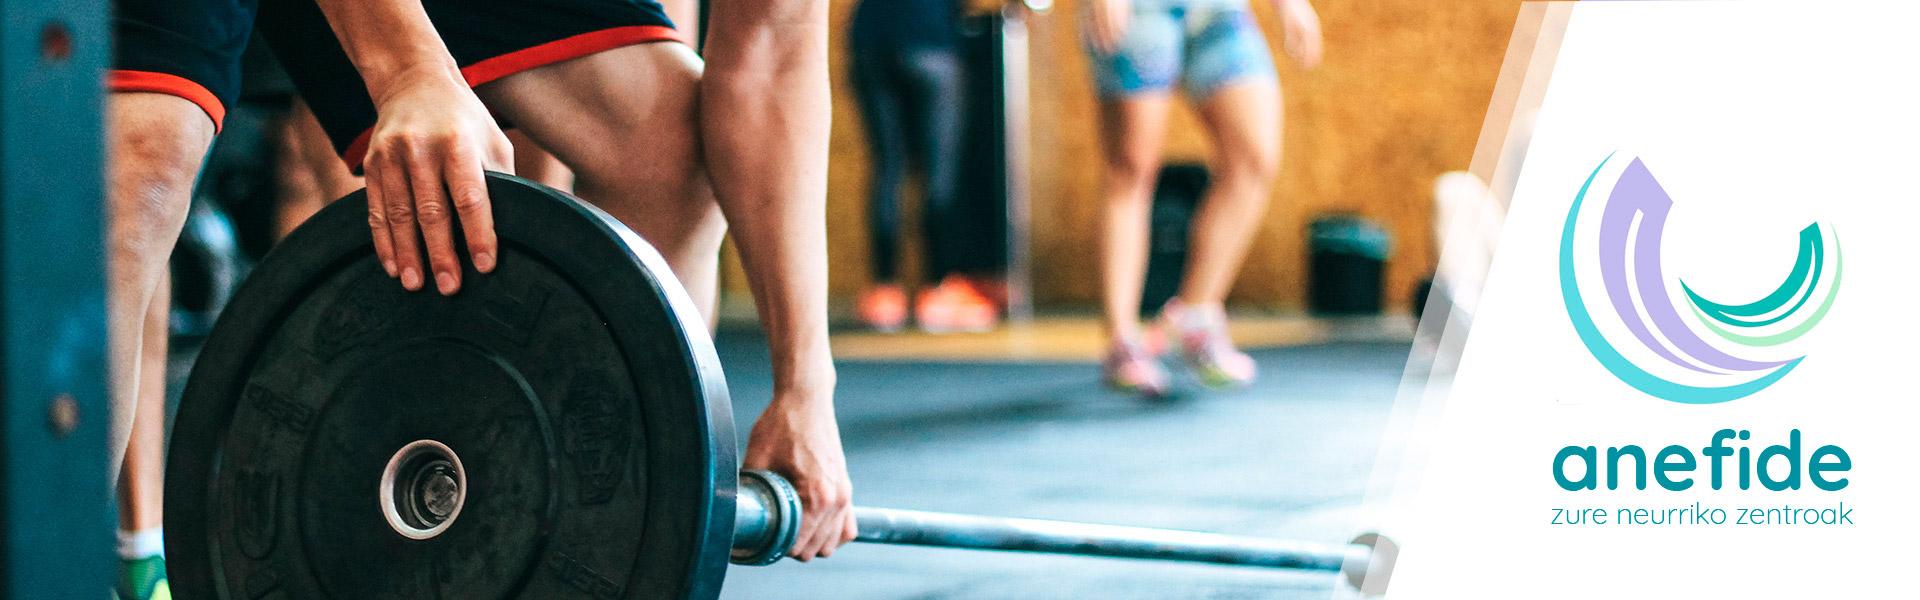 Anefide-gym_EUS